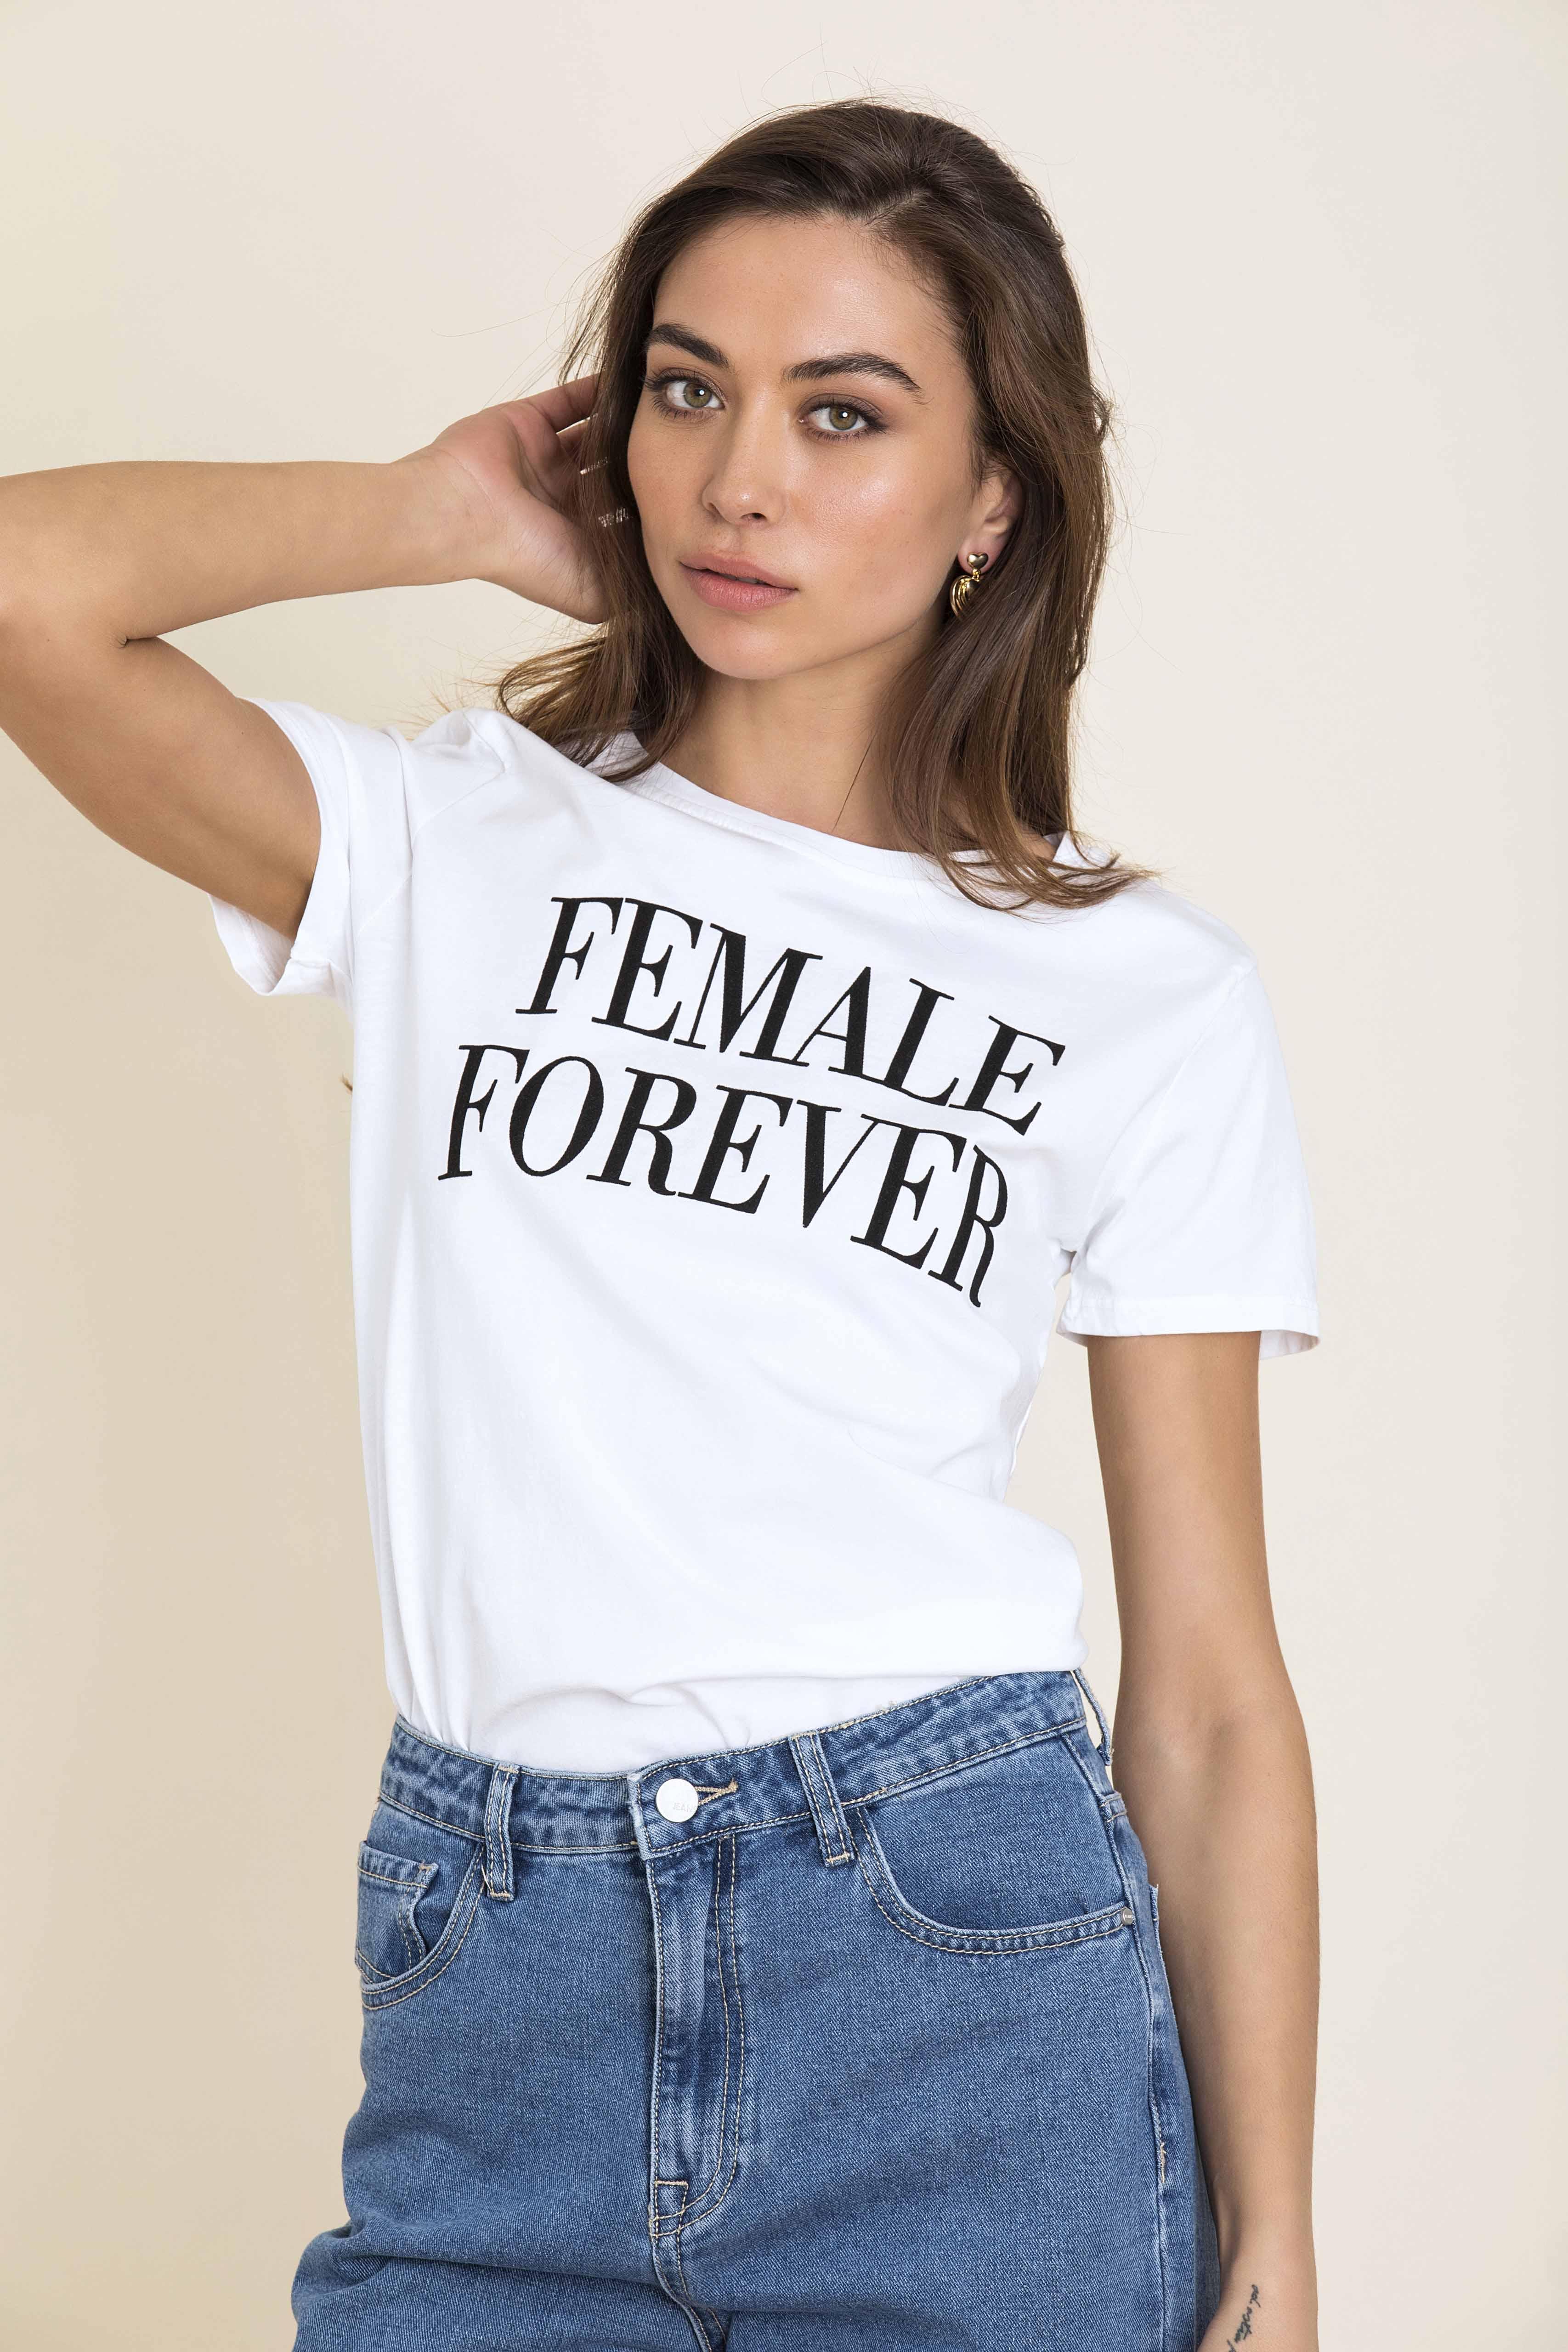 FEMALE FOREVER T-SHIRT - Άσπρο